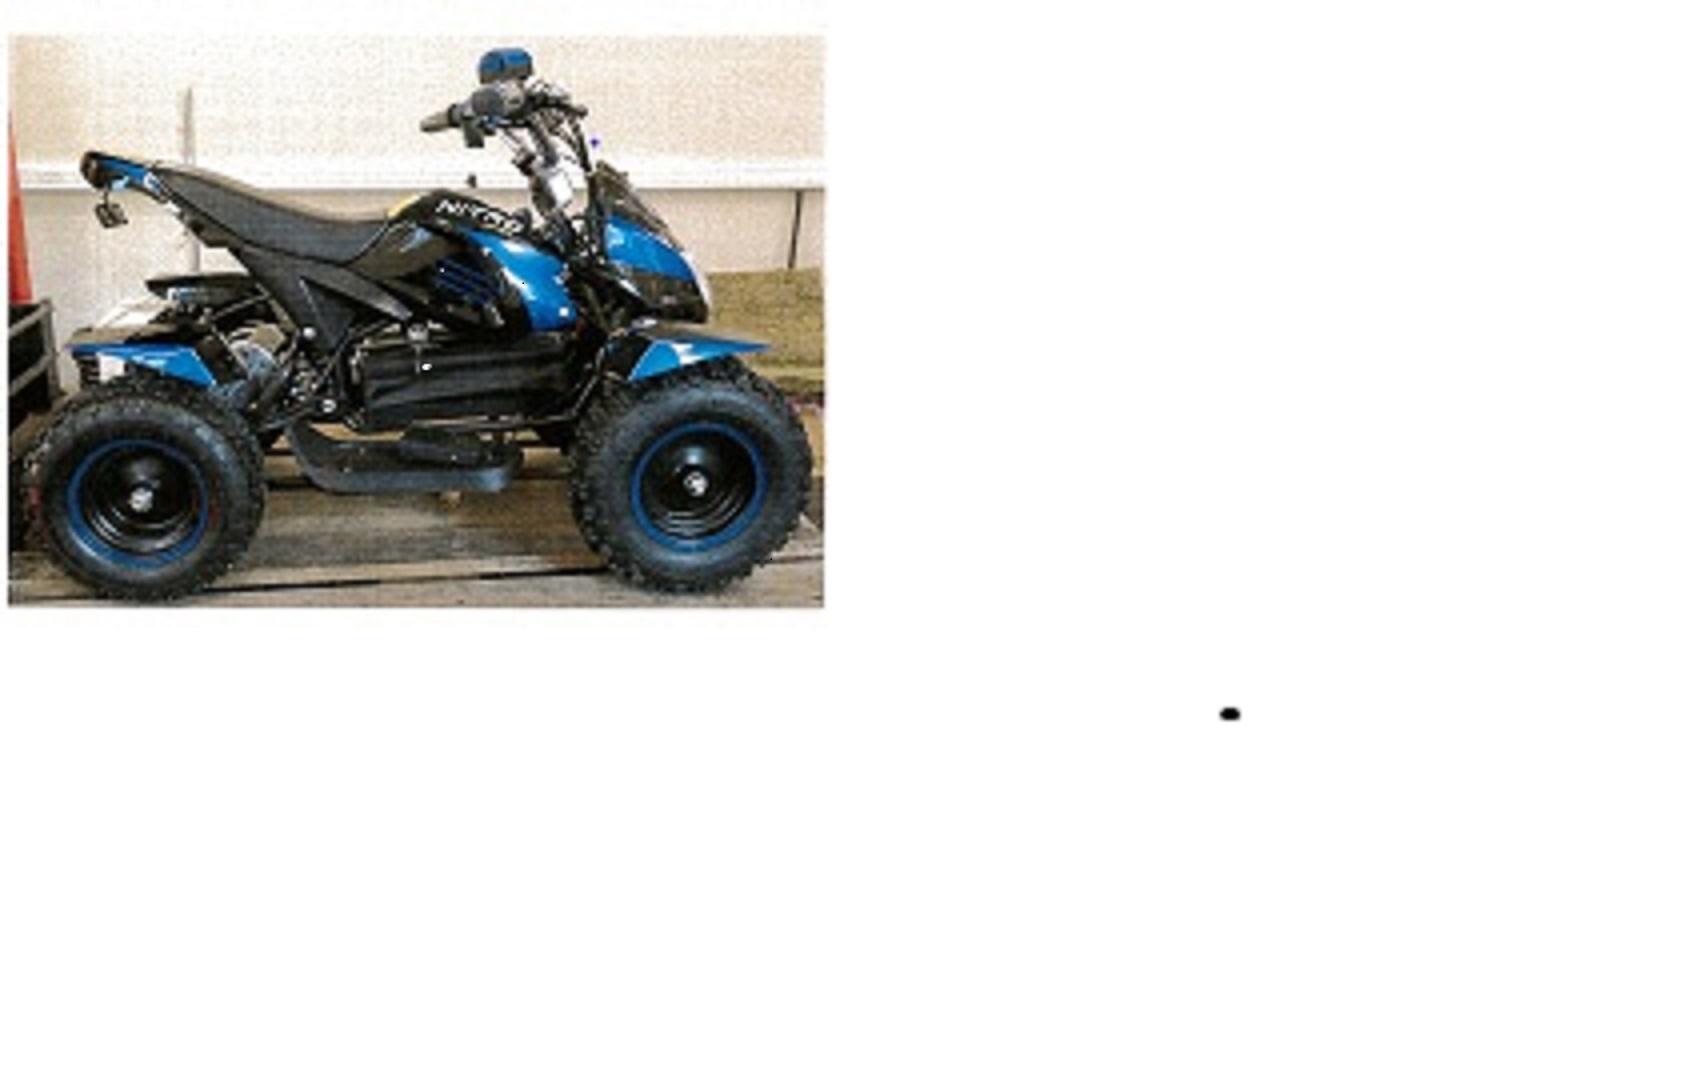 nitro motors eco cobra quad bike alert health and safety. Black Bedroom Furniture Sets. Home Design Ideas